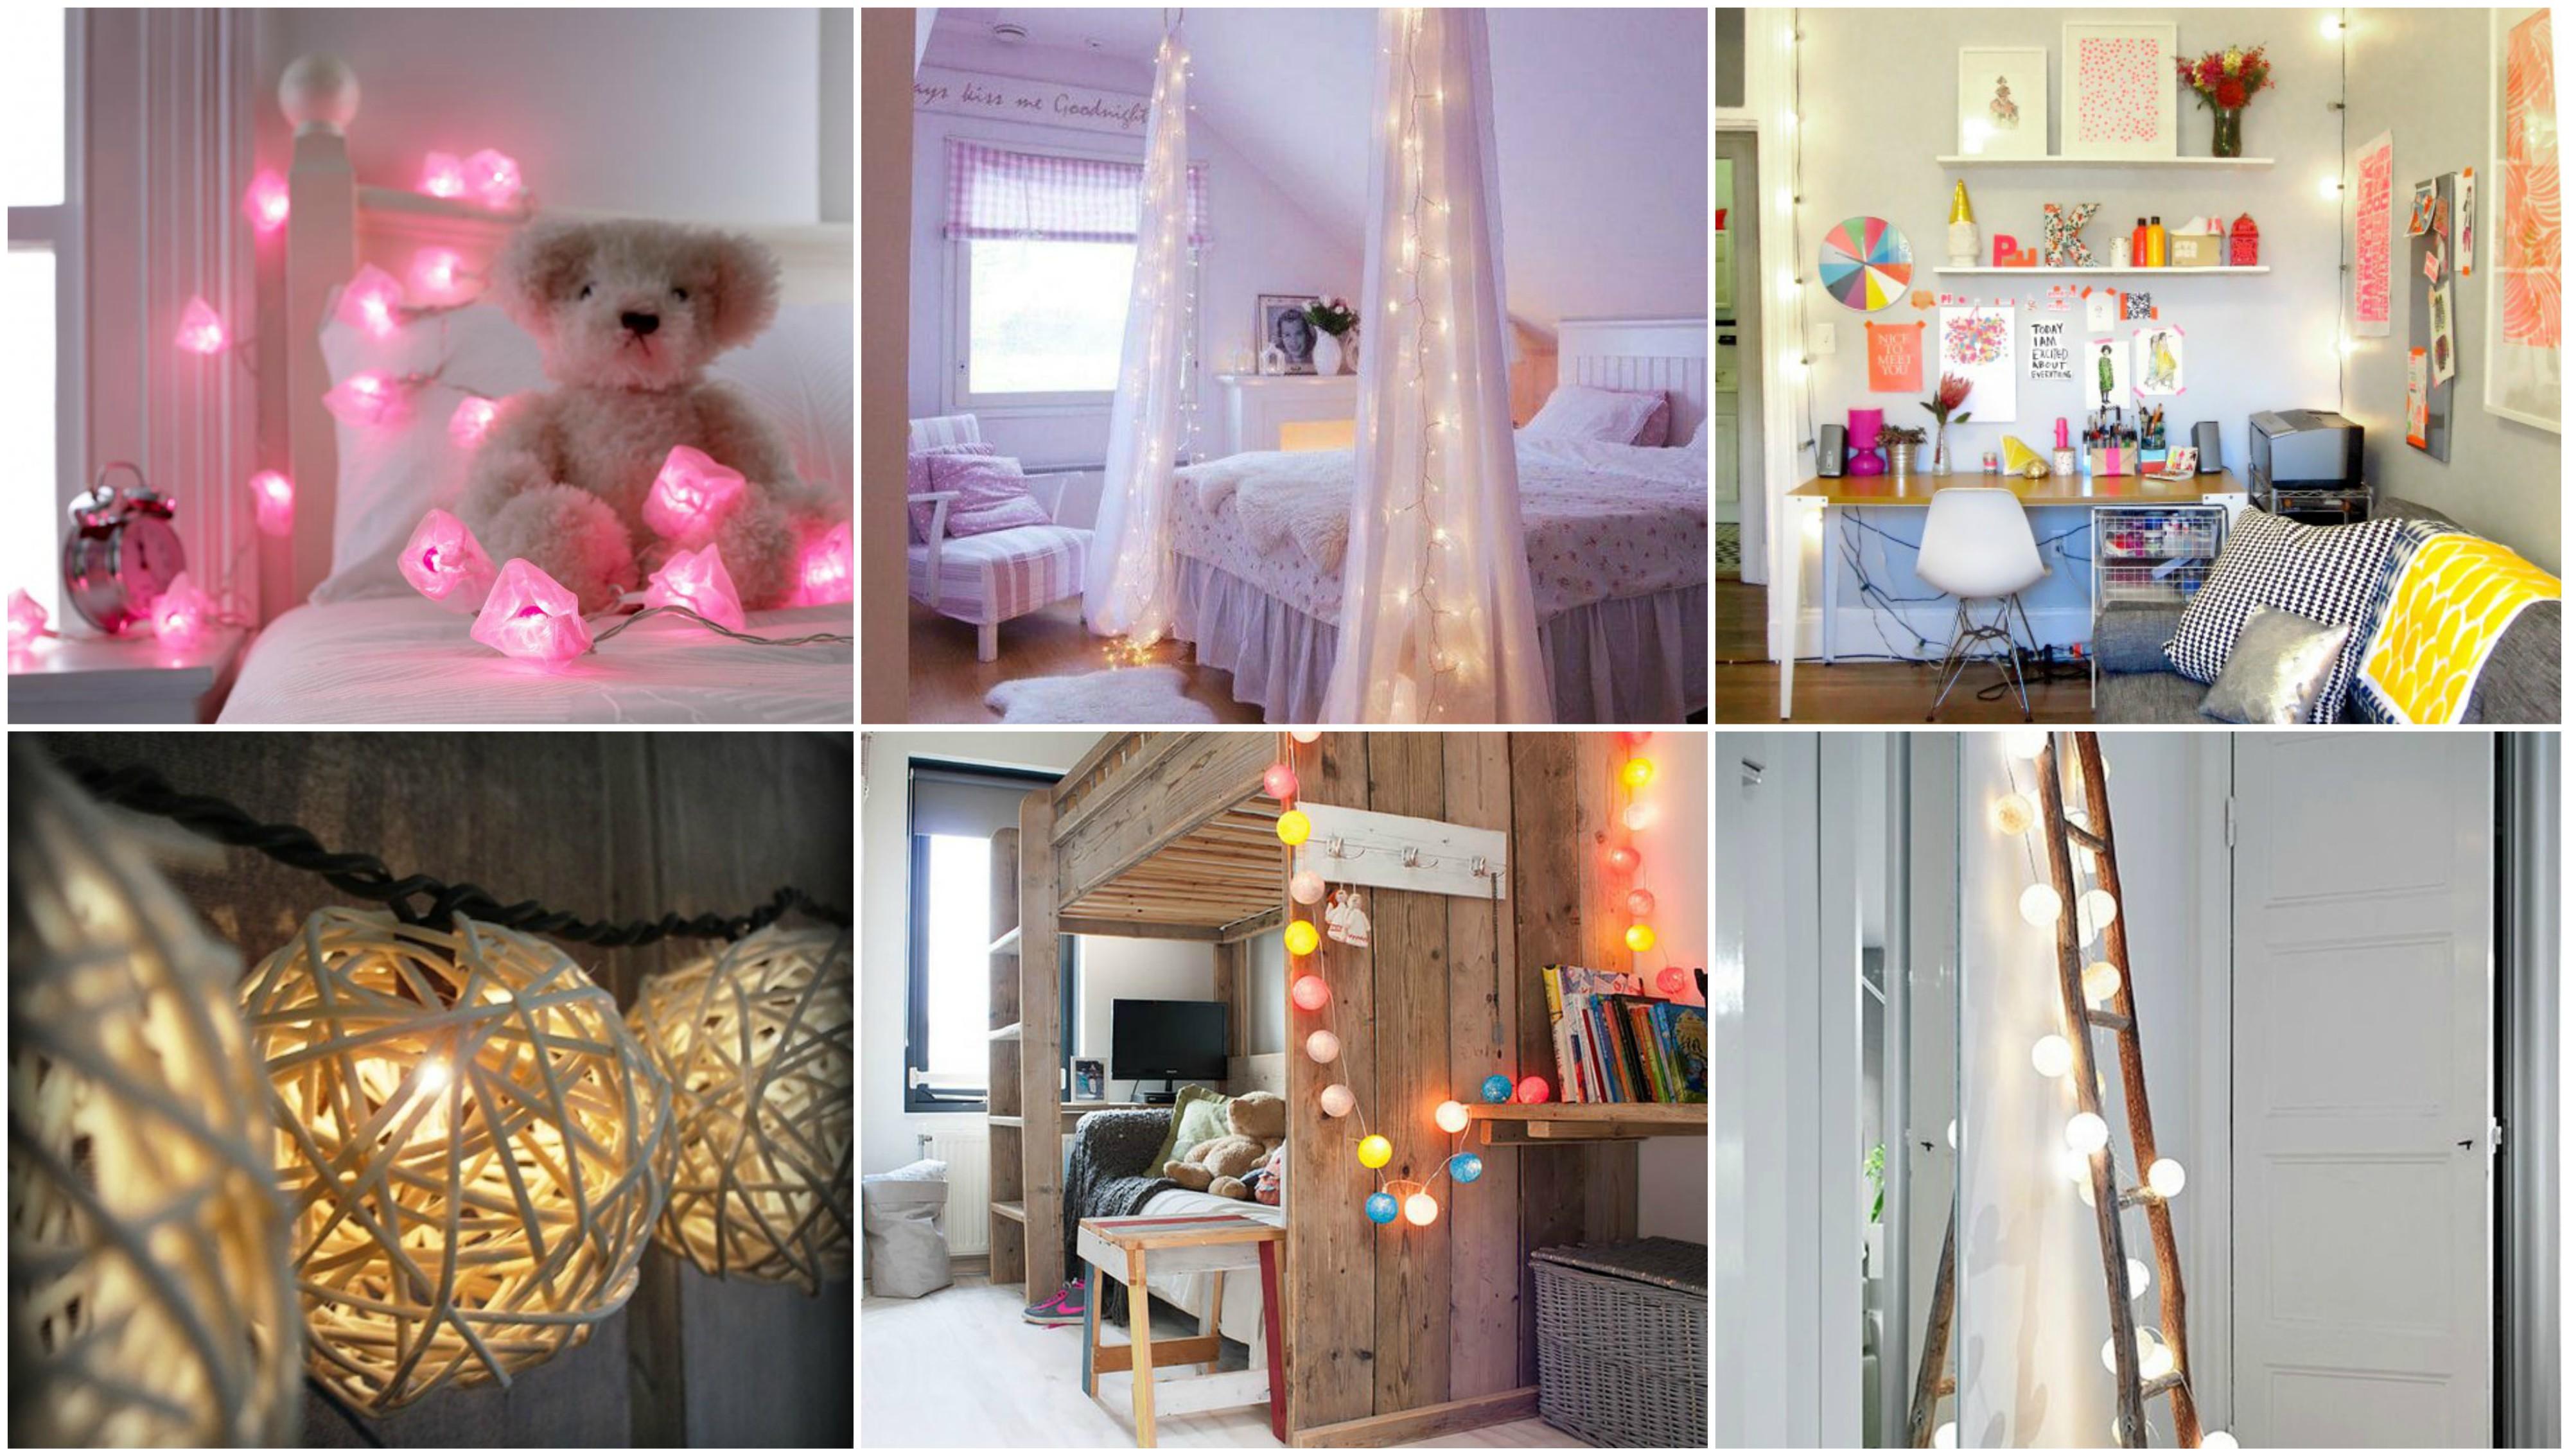 ... Schlafzimmer Oder Kinderzimmer Mit Lichterketten For Zimmerdeko  Lichterkette ...